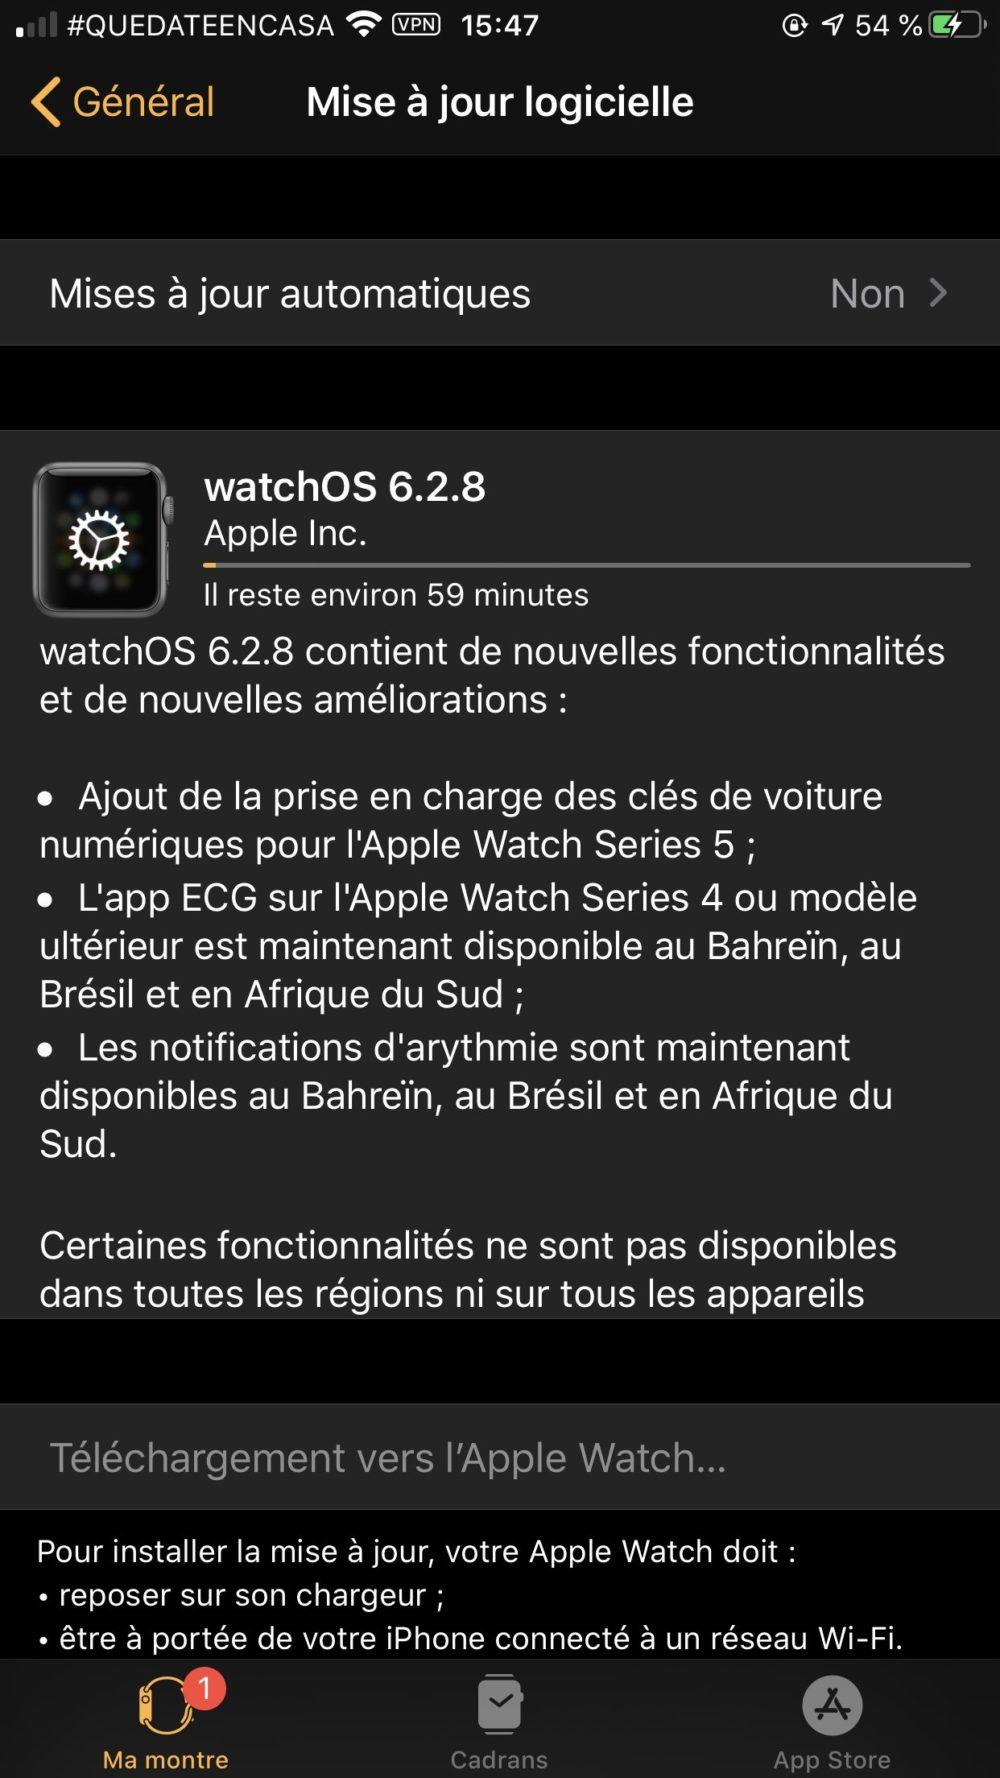 watchOS 6.2.8 La version finale de watchOS 6.2.8 est disponible sur lApple Watch